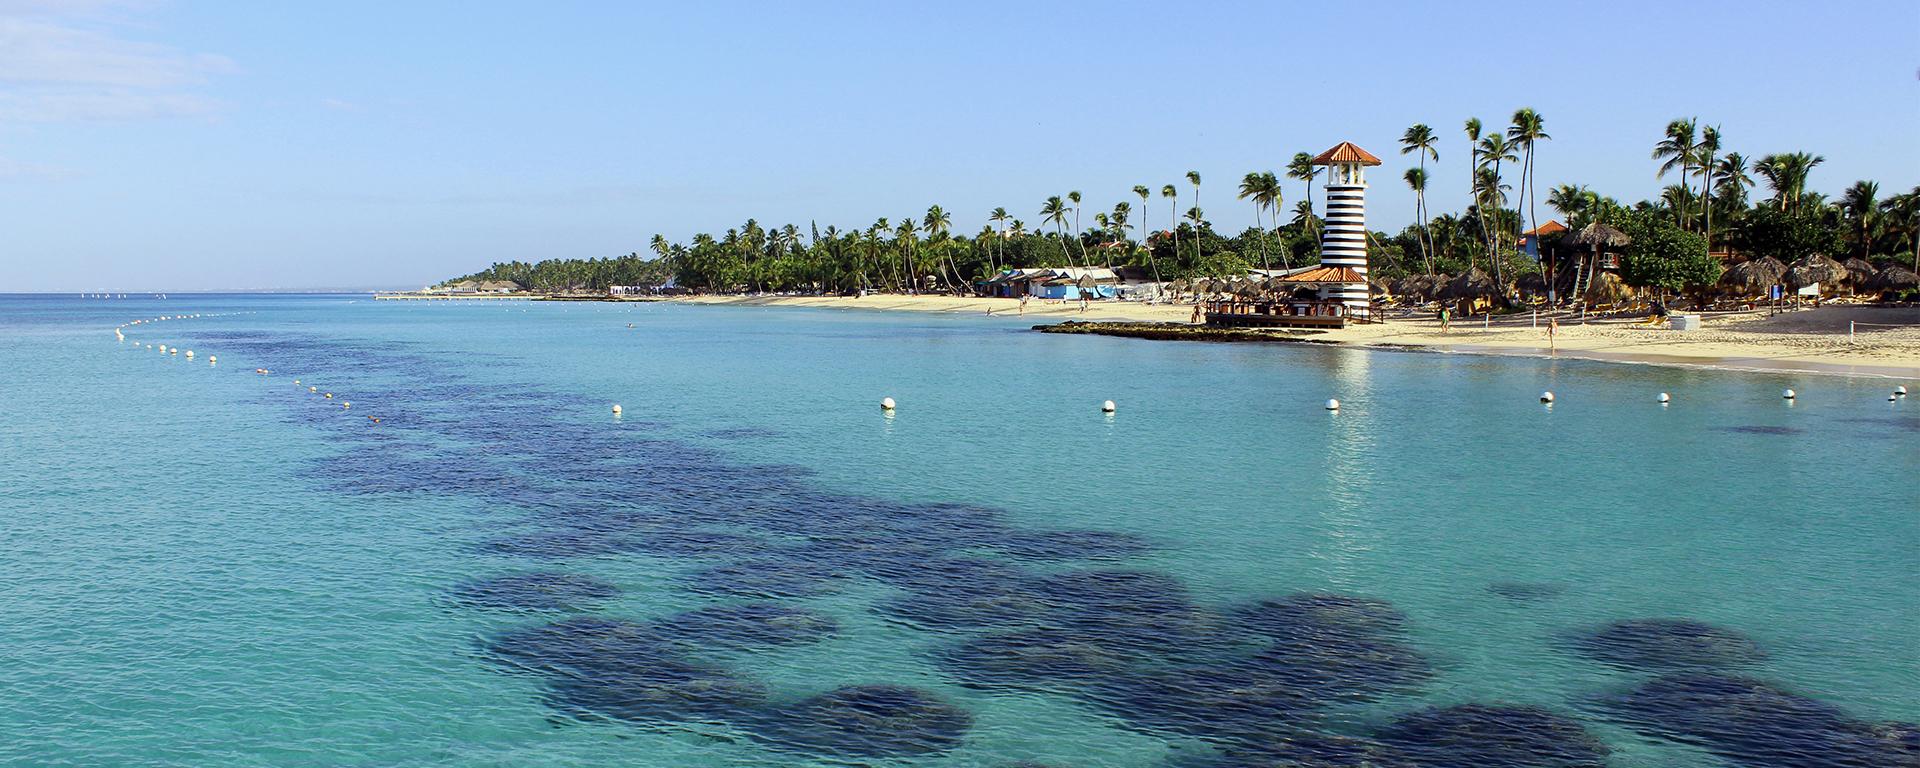 Dominikanischerepublik